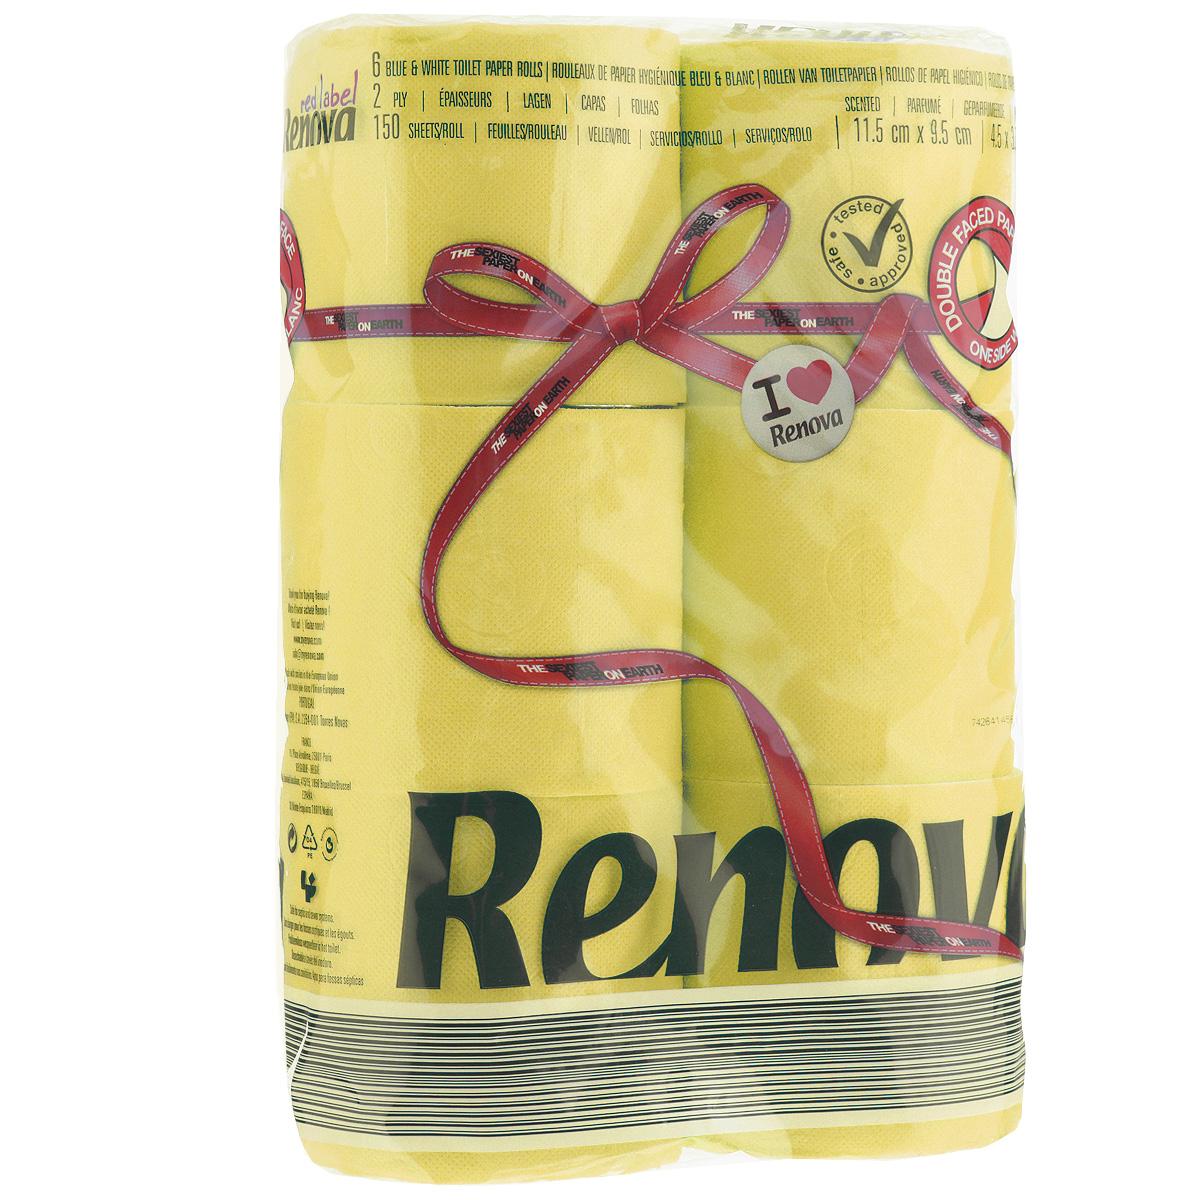 Туалетная бумага Renova, двухслойная, ароматизированная, цвет: желтый, 6 рулоновKOC-H19-LEDТуалетная бумага Renova изготовлена по новейшей технологии из 100% ароматизированной целлюлозы, благодаря чему она имеет тонкий аромат, очень мягкая, нежная, но в тоже время прочная. Эксклюзивная двухсторонняя туалетная бумага Renova  экстрамодного цвета, придаст вашему туалету оригинальность.Состав: 100% ароматизированная целлюлоза. Количество листов: 150 шт.Количество слоев: 2.Размер листа: 11,5 см х 9,5 см.Количество рулонов: 6 шт.Португальская компания Renova является ведущим разработчиком новейших технологий производства, нового стиля и направления на рынке гигиенической продукции. Современный дизайн и высочайшее качество, дерматологический контроль - это то, что выделяет компанию Renova среди других производителей бумажной санитарно-гигиенической продукции.